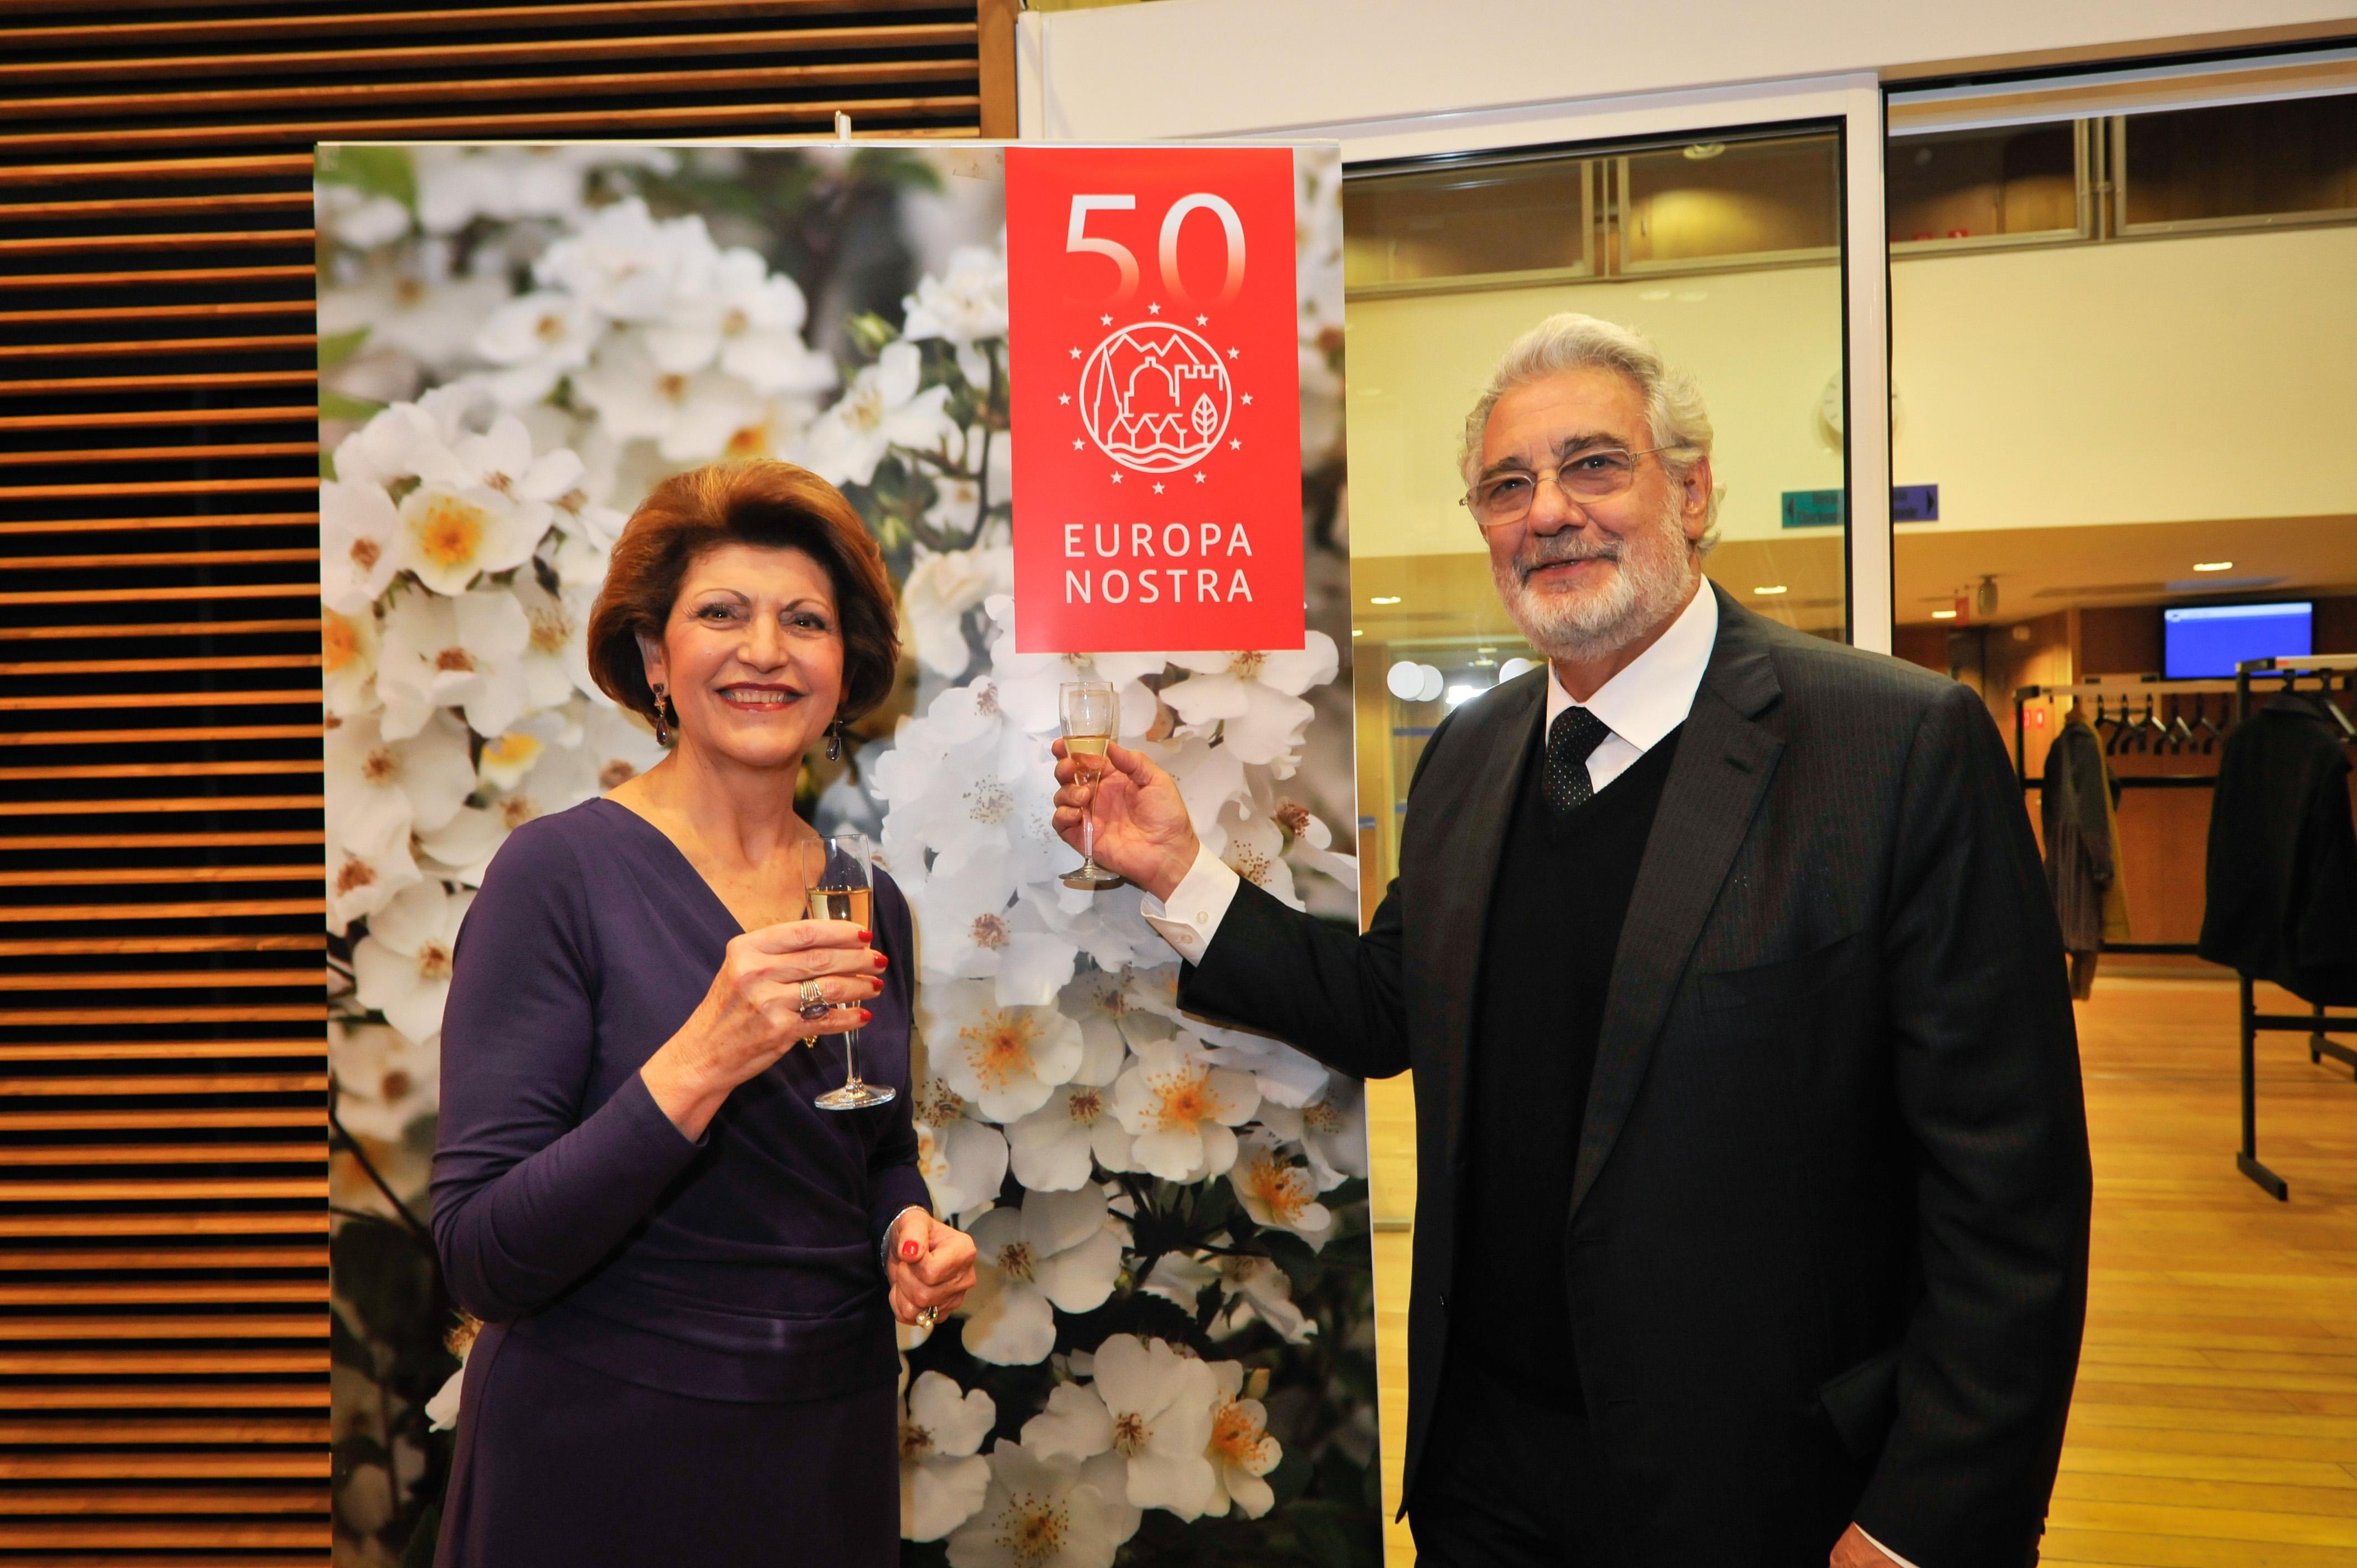 Commissioner Androulla Vassiliou and Maestro Plácido Domingo praised this imaginative initiative. Photo: Jorge Rojas